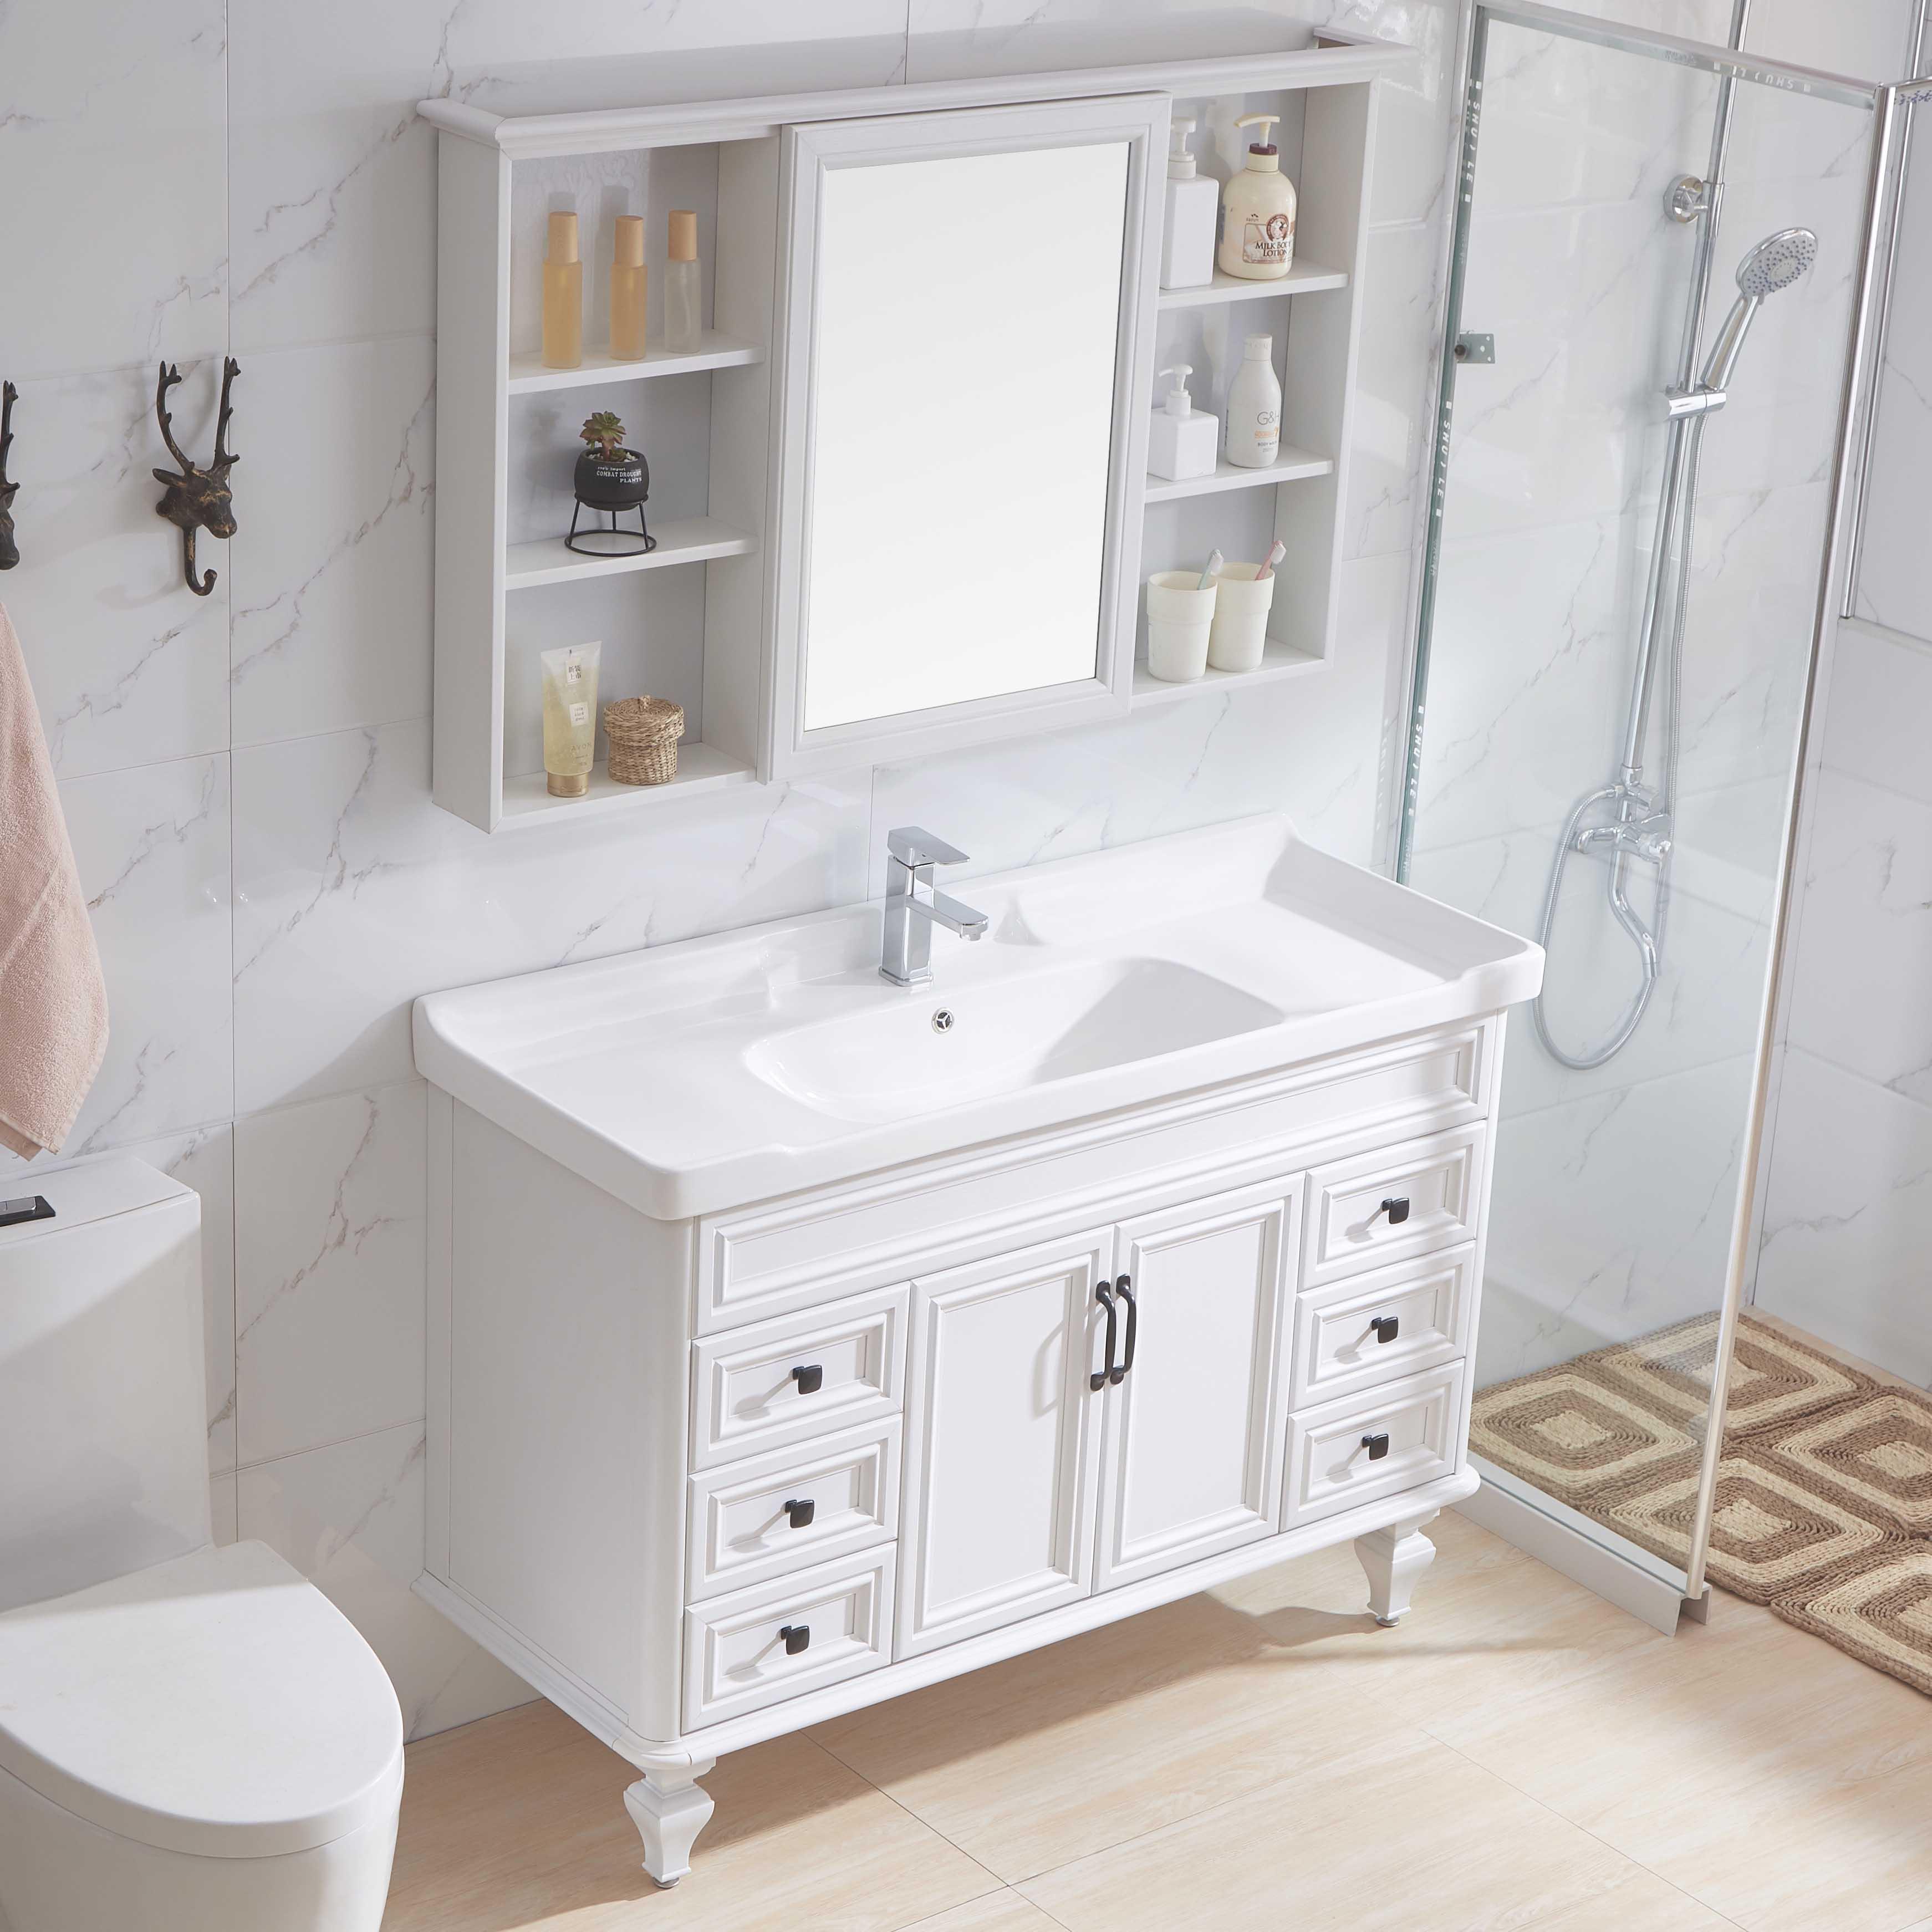 美式碳纤维落地式浴室柜卫生间镜箱柜洗漱台池洗脸盆柜组合洗手台